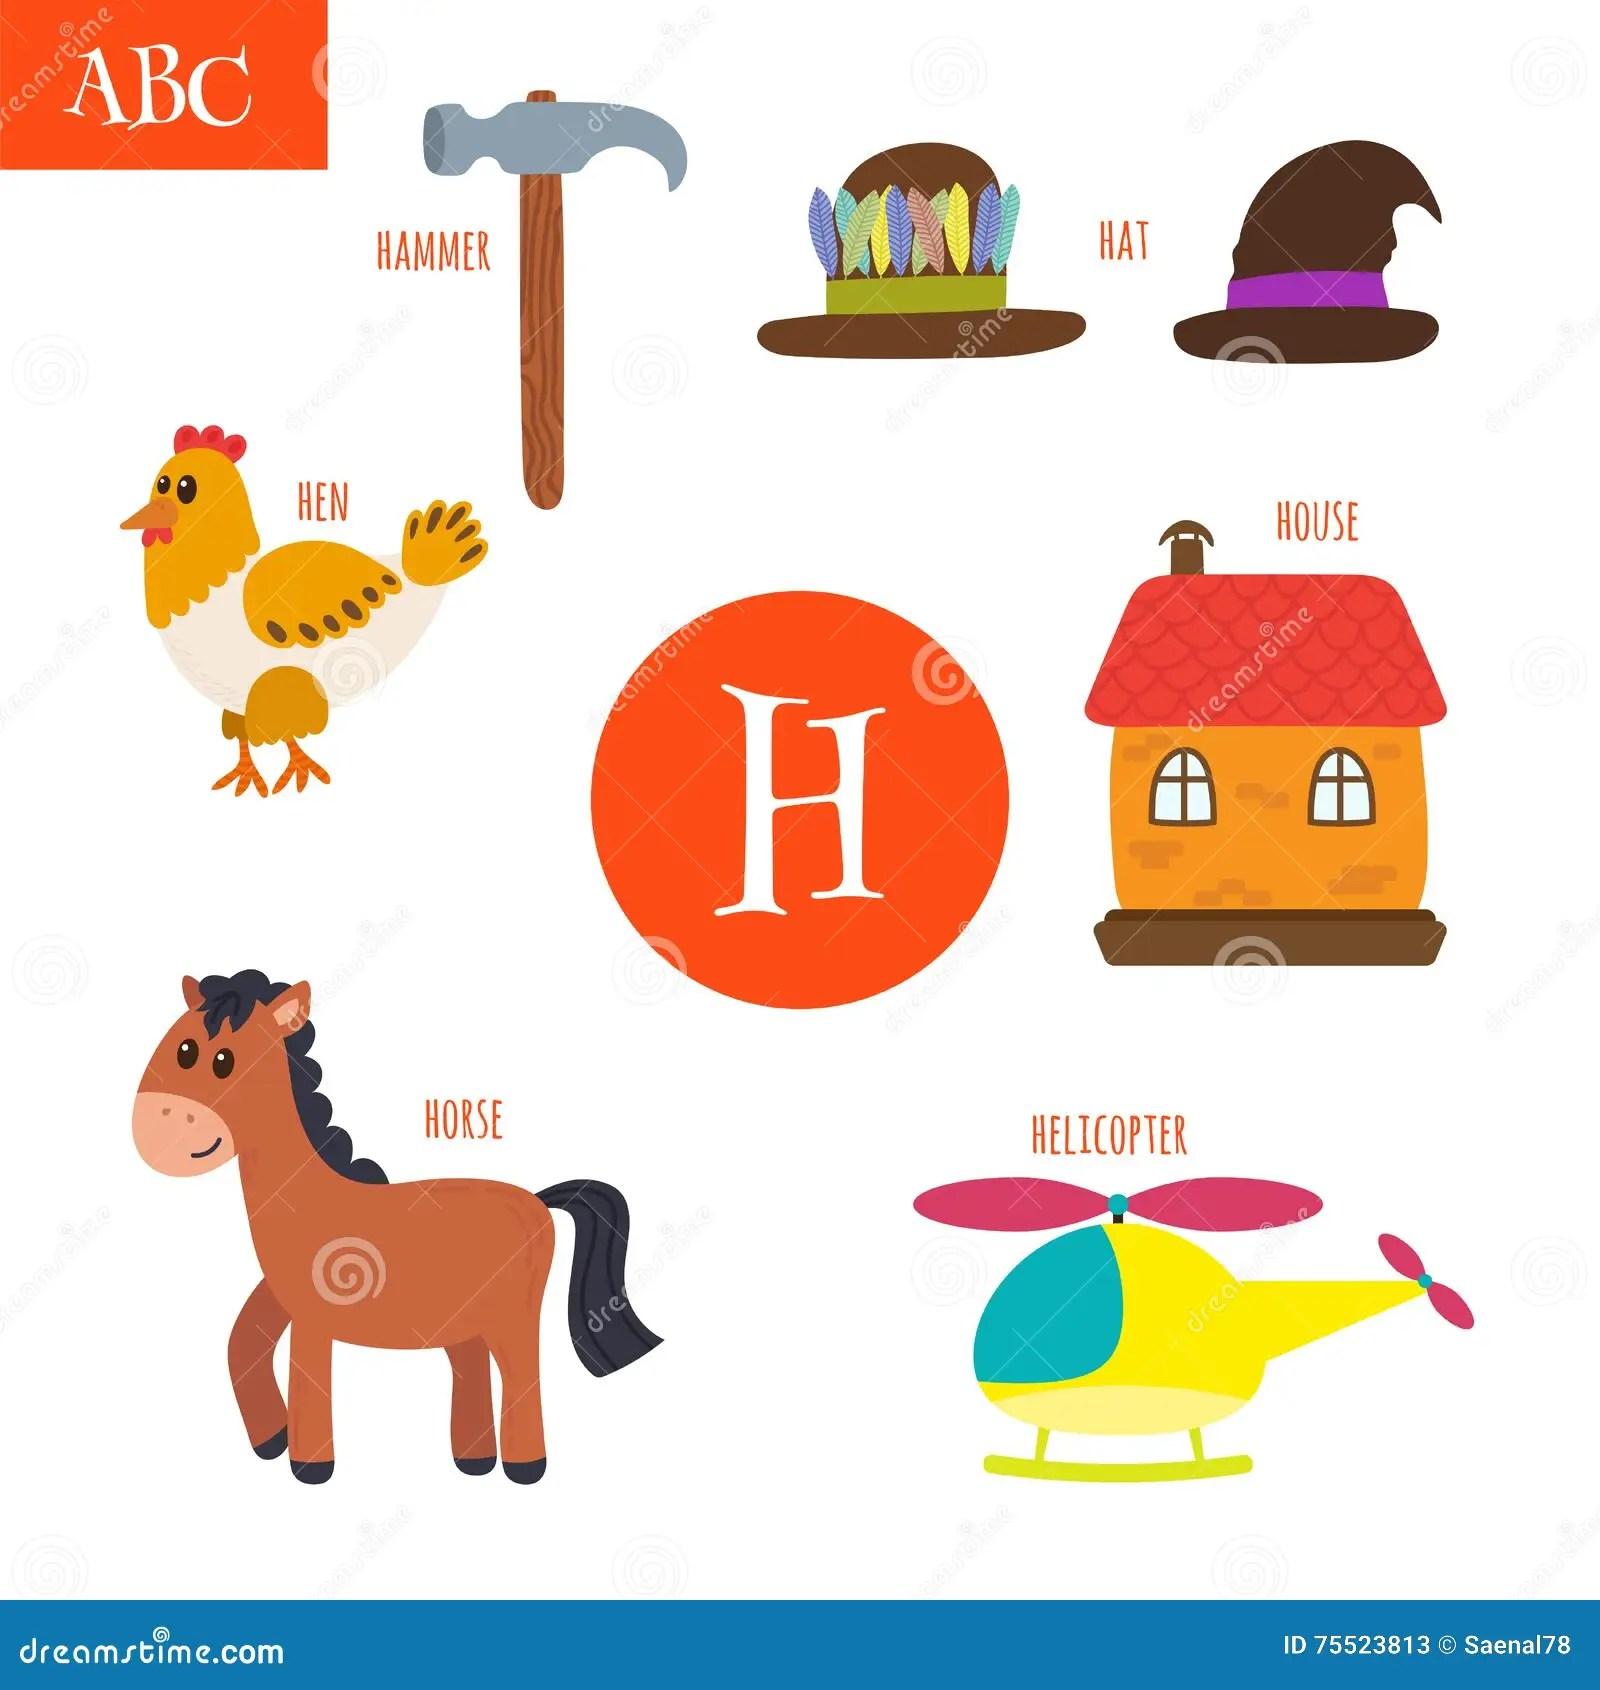 Letter H With Cartoon Horse Cartoon Vector